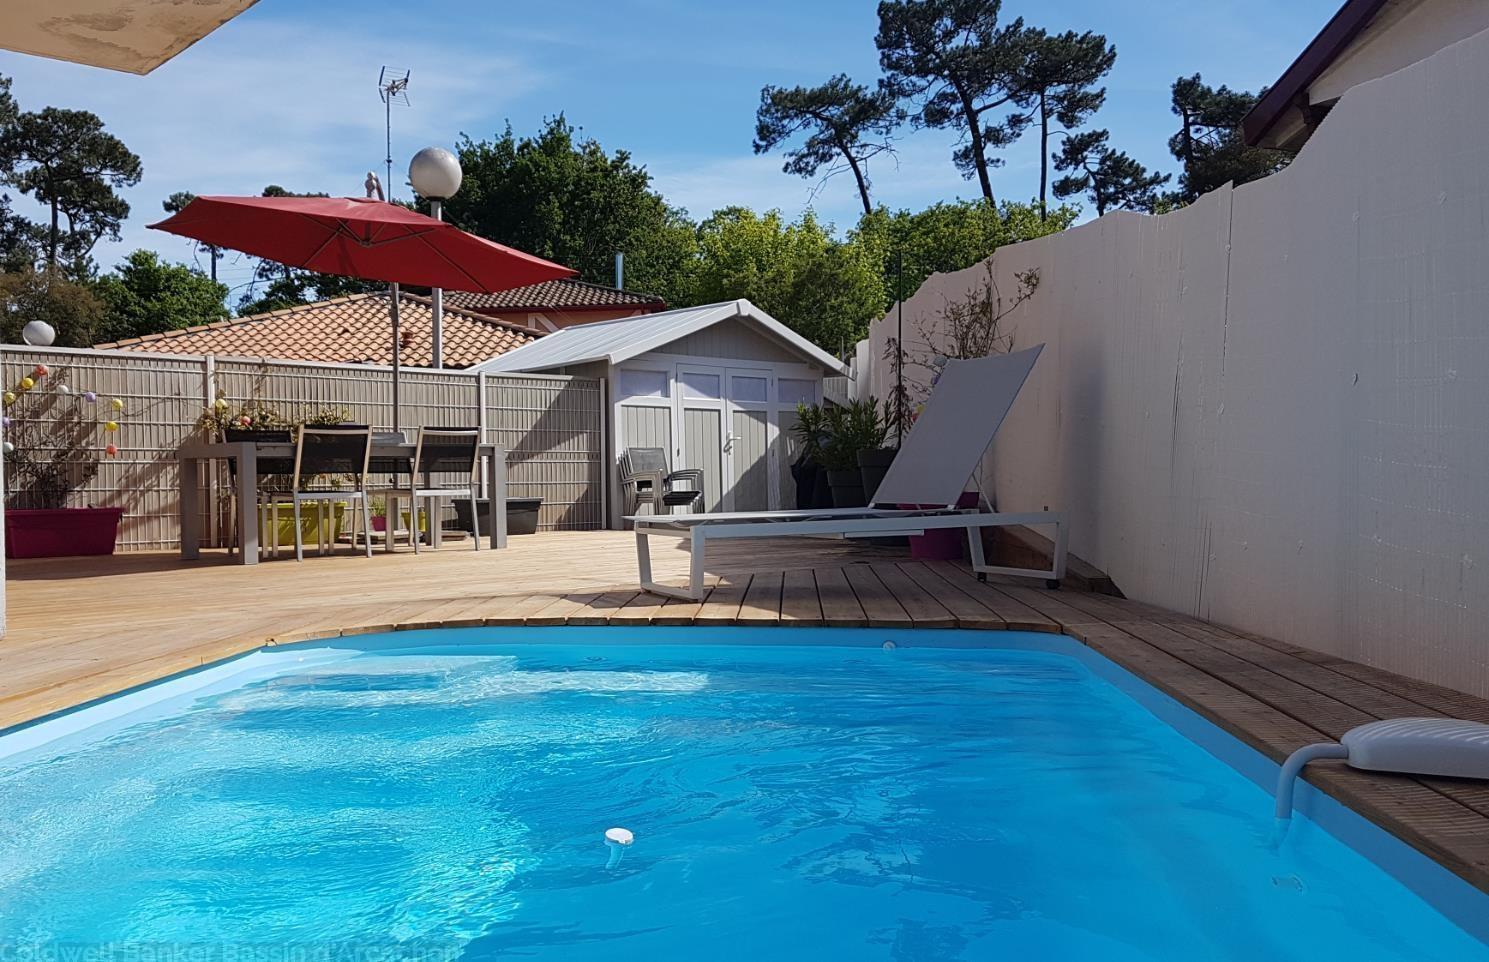 Acheter maison idéale pied a terre avec jardin et piscine proche plage arcachon le moulleau